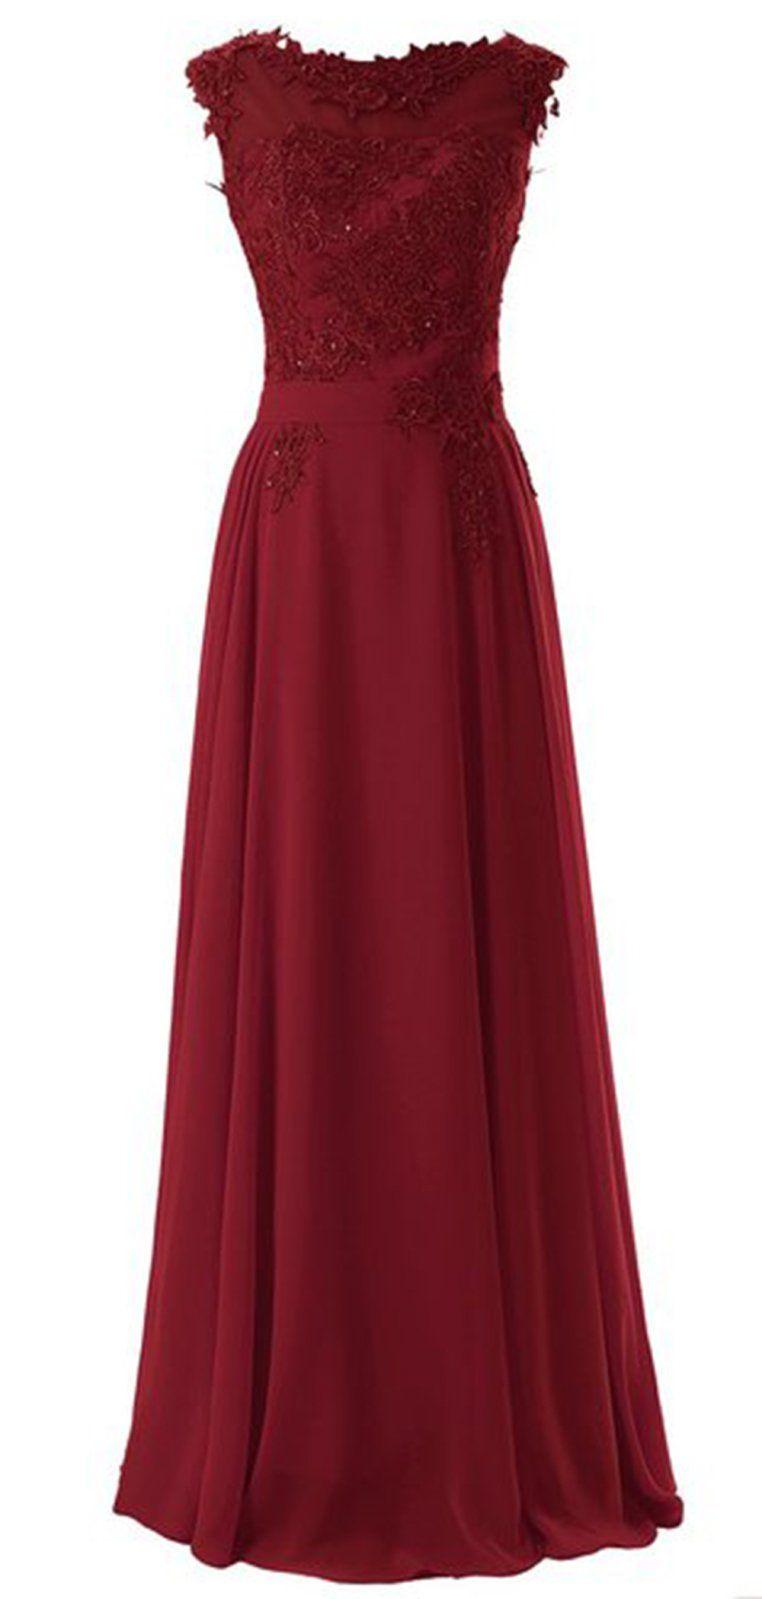 Designer Leicht Amazon Abend Kleid StylishFormal Einzigartig Amazon Abend Kleid Boutique